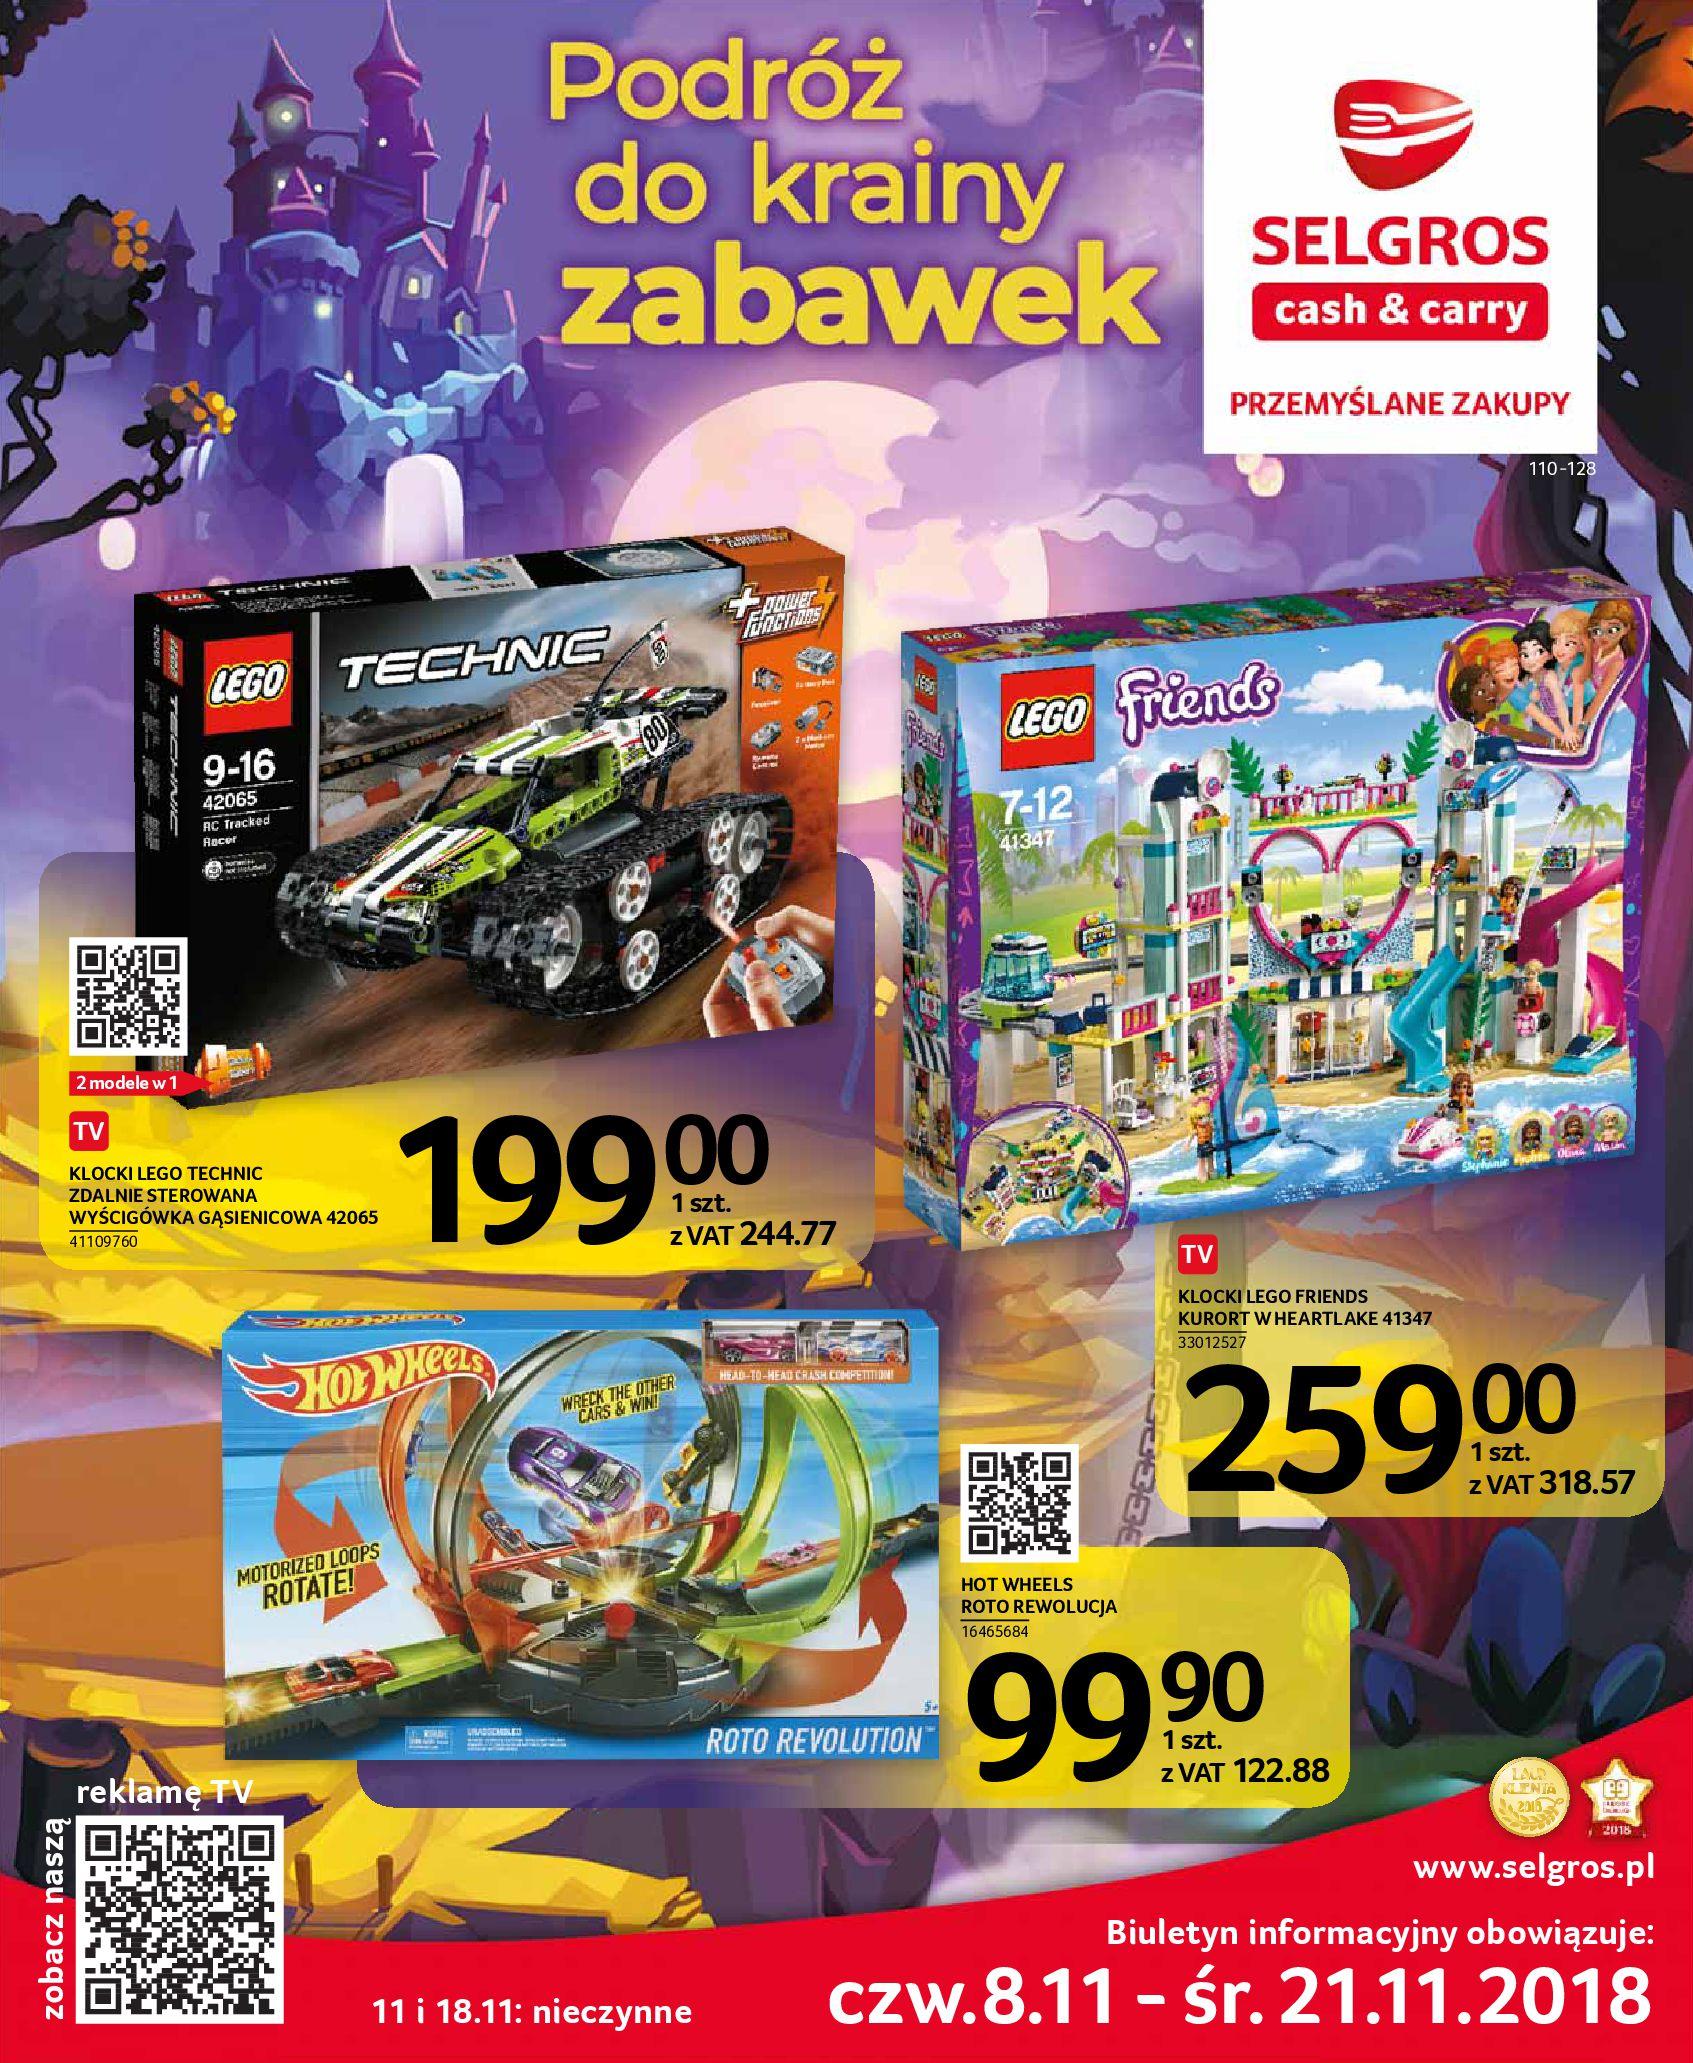 Gazetka Selgros - Podróż do krainy zabawek-06.11.2018-21.11.2018-page-